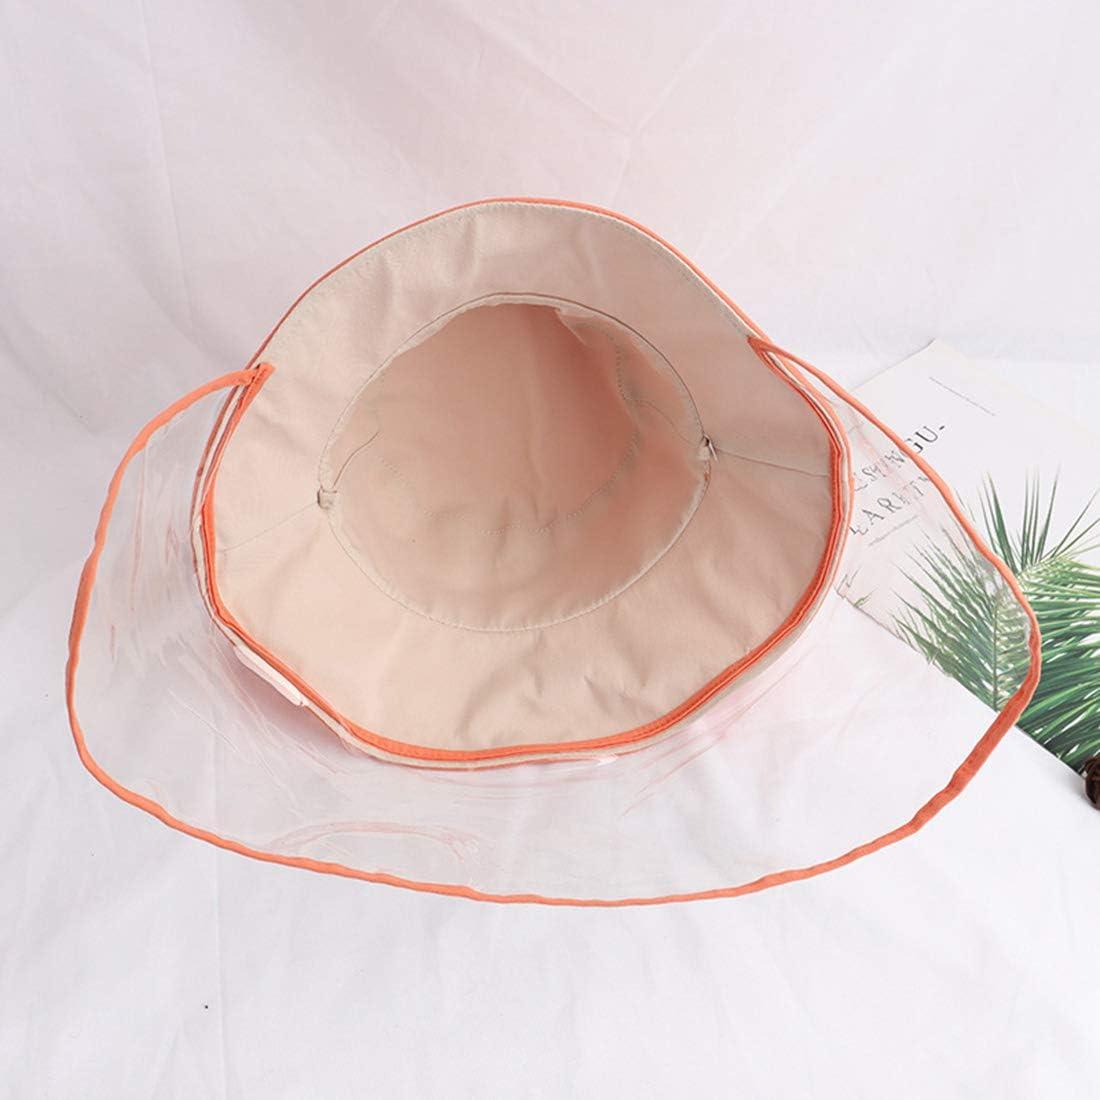 Bverionant Sombrero Protector de Pescador Sombrero de Protecci/ón para Ni/ño Antisalpicadura Gorro con Pantalla Sombrero de Sol con Visera Protectora